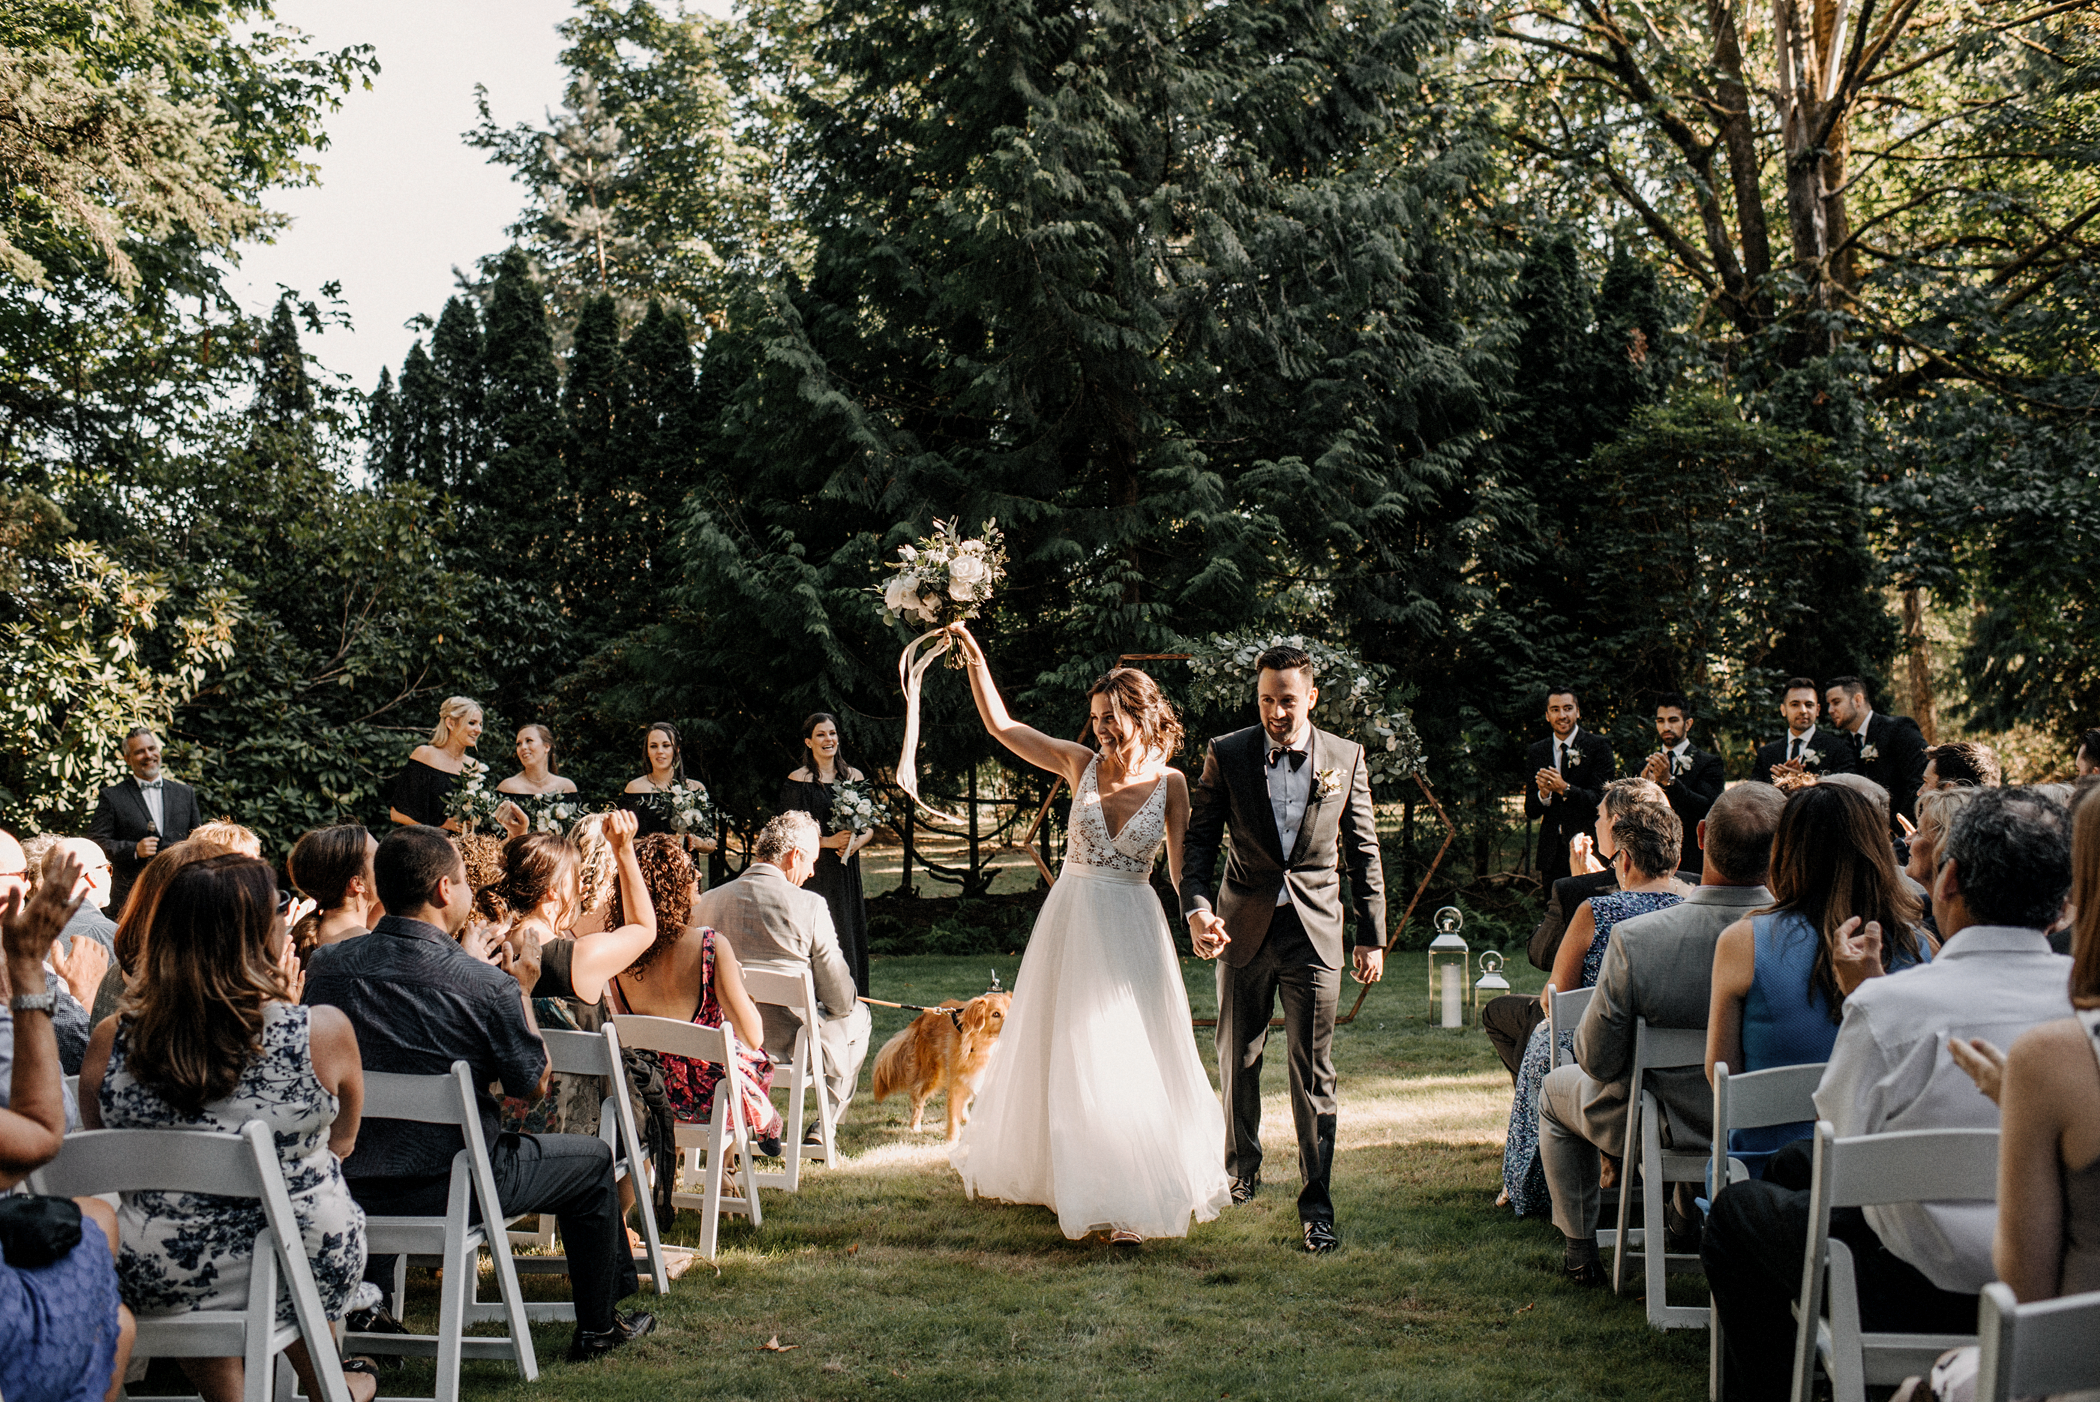 044-kaoverii-silva-KR-wedding-vancouver-photography-blog.png